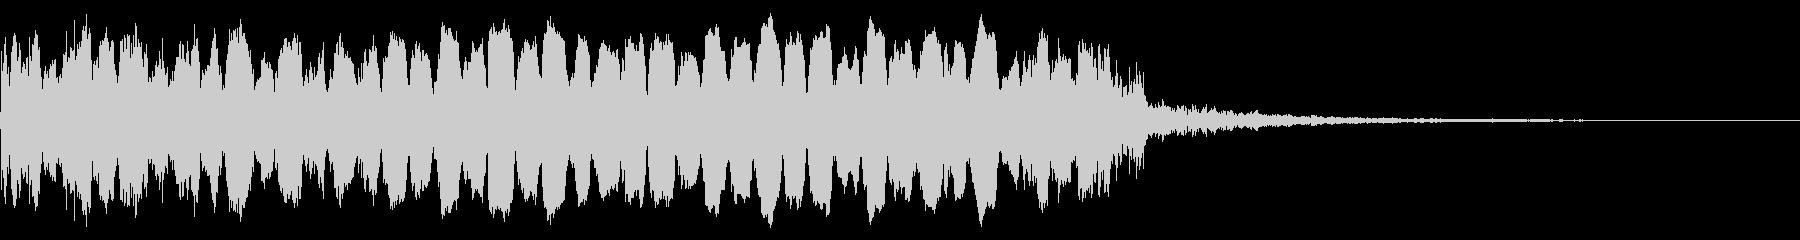 不穏 トランペット リバーブの未再生の波形